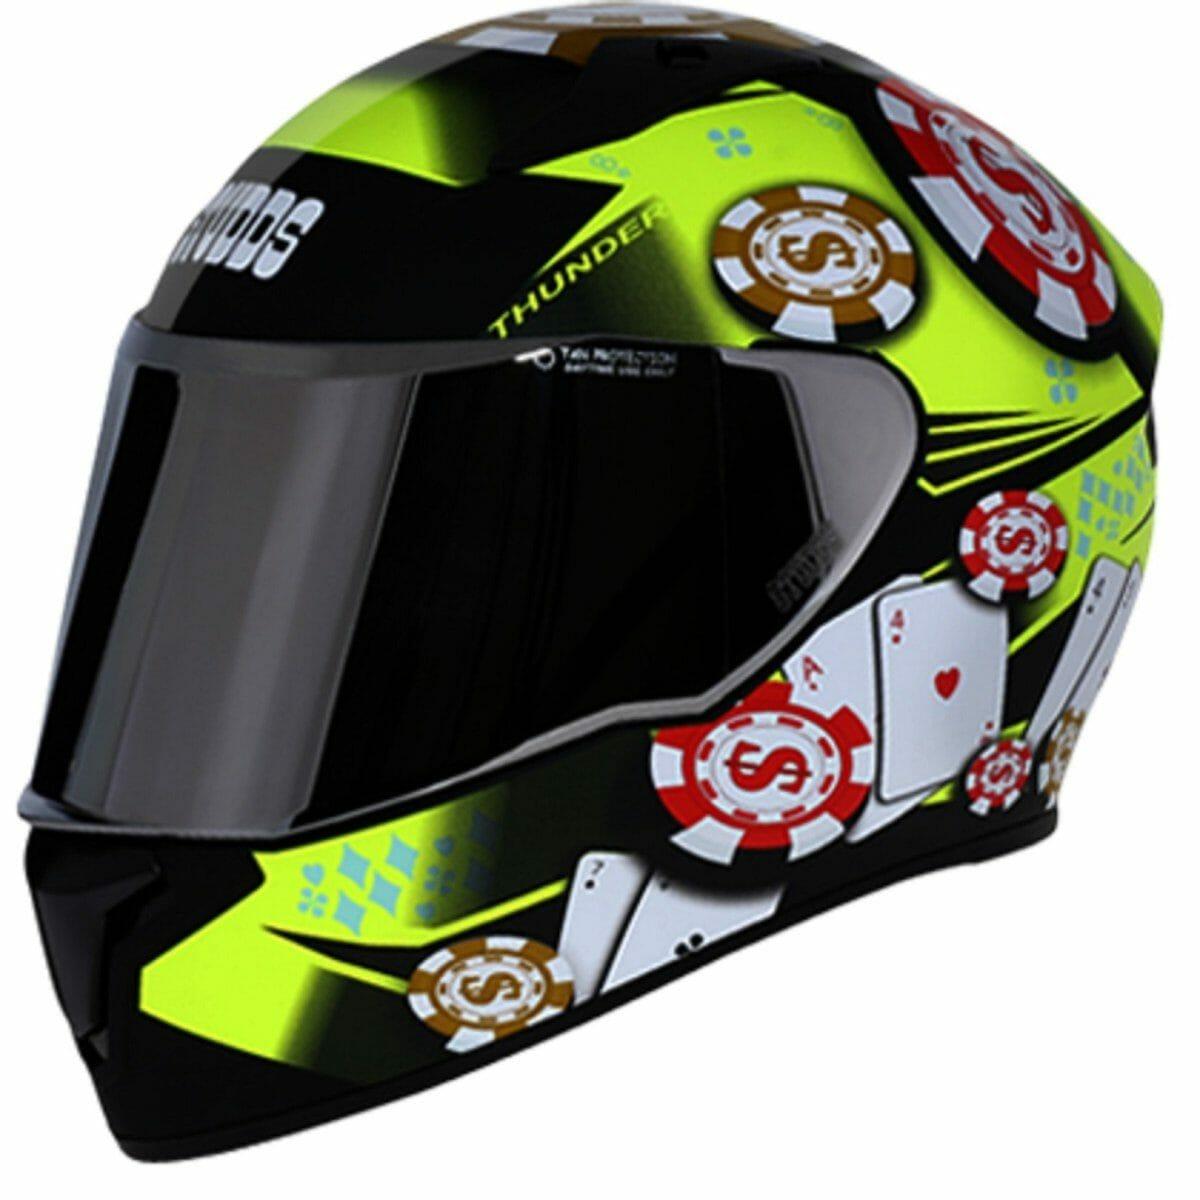 Studds thunder D6 helmet (1)